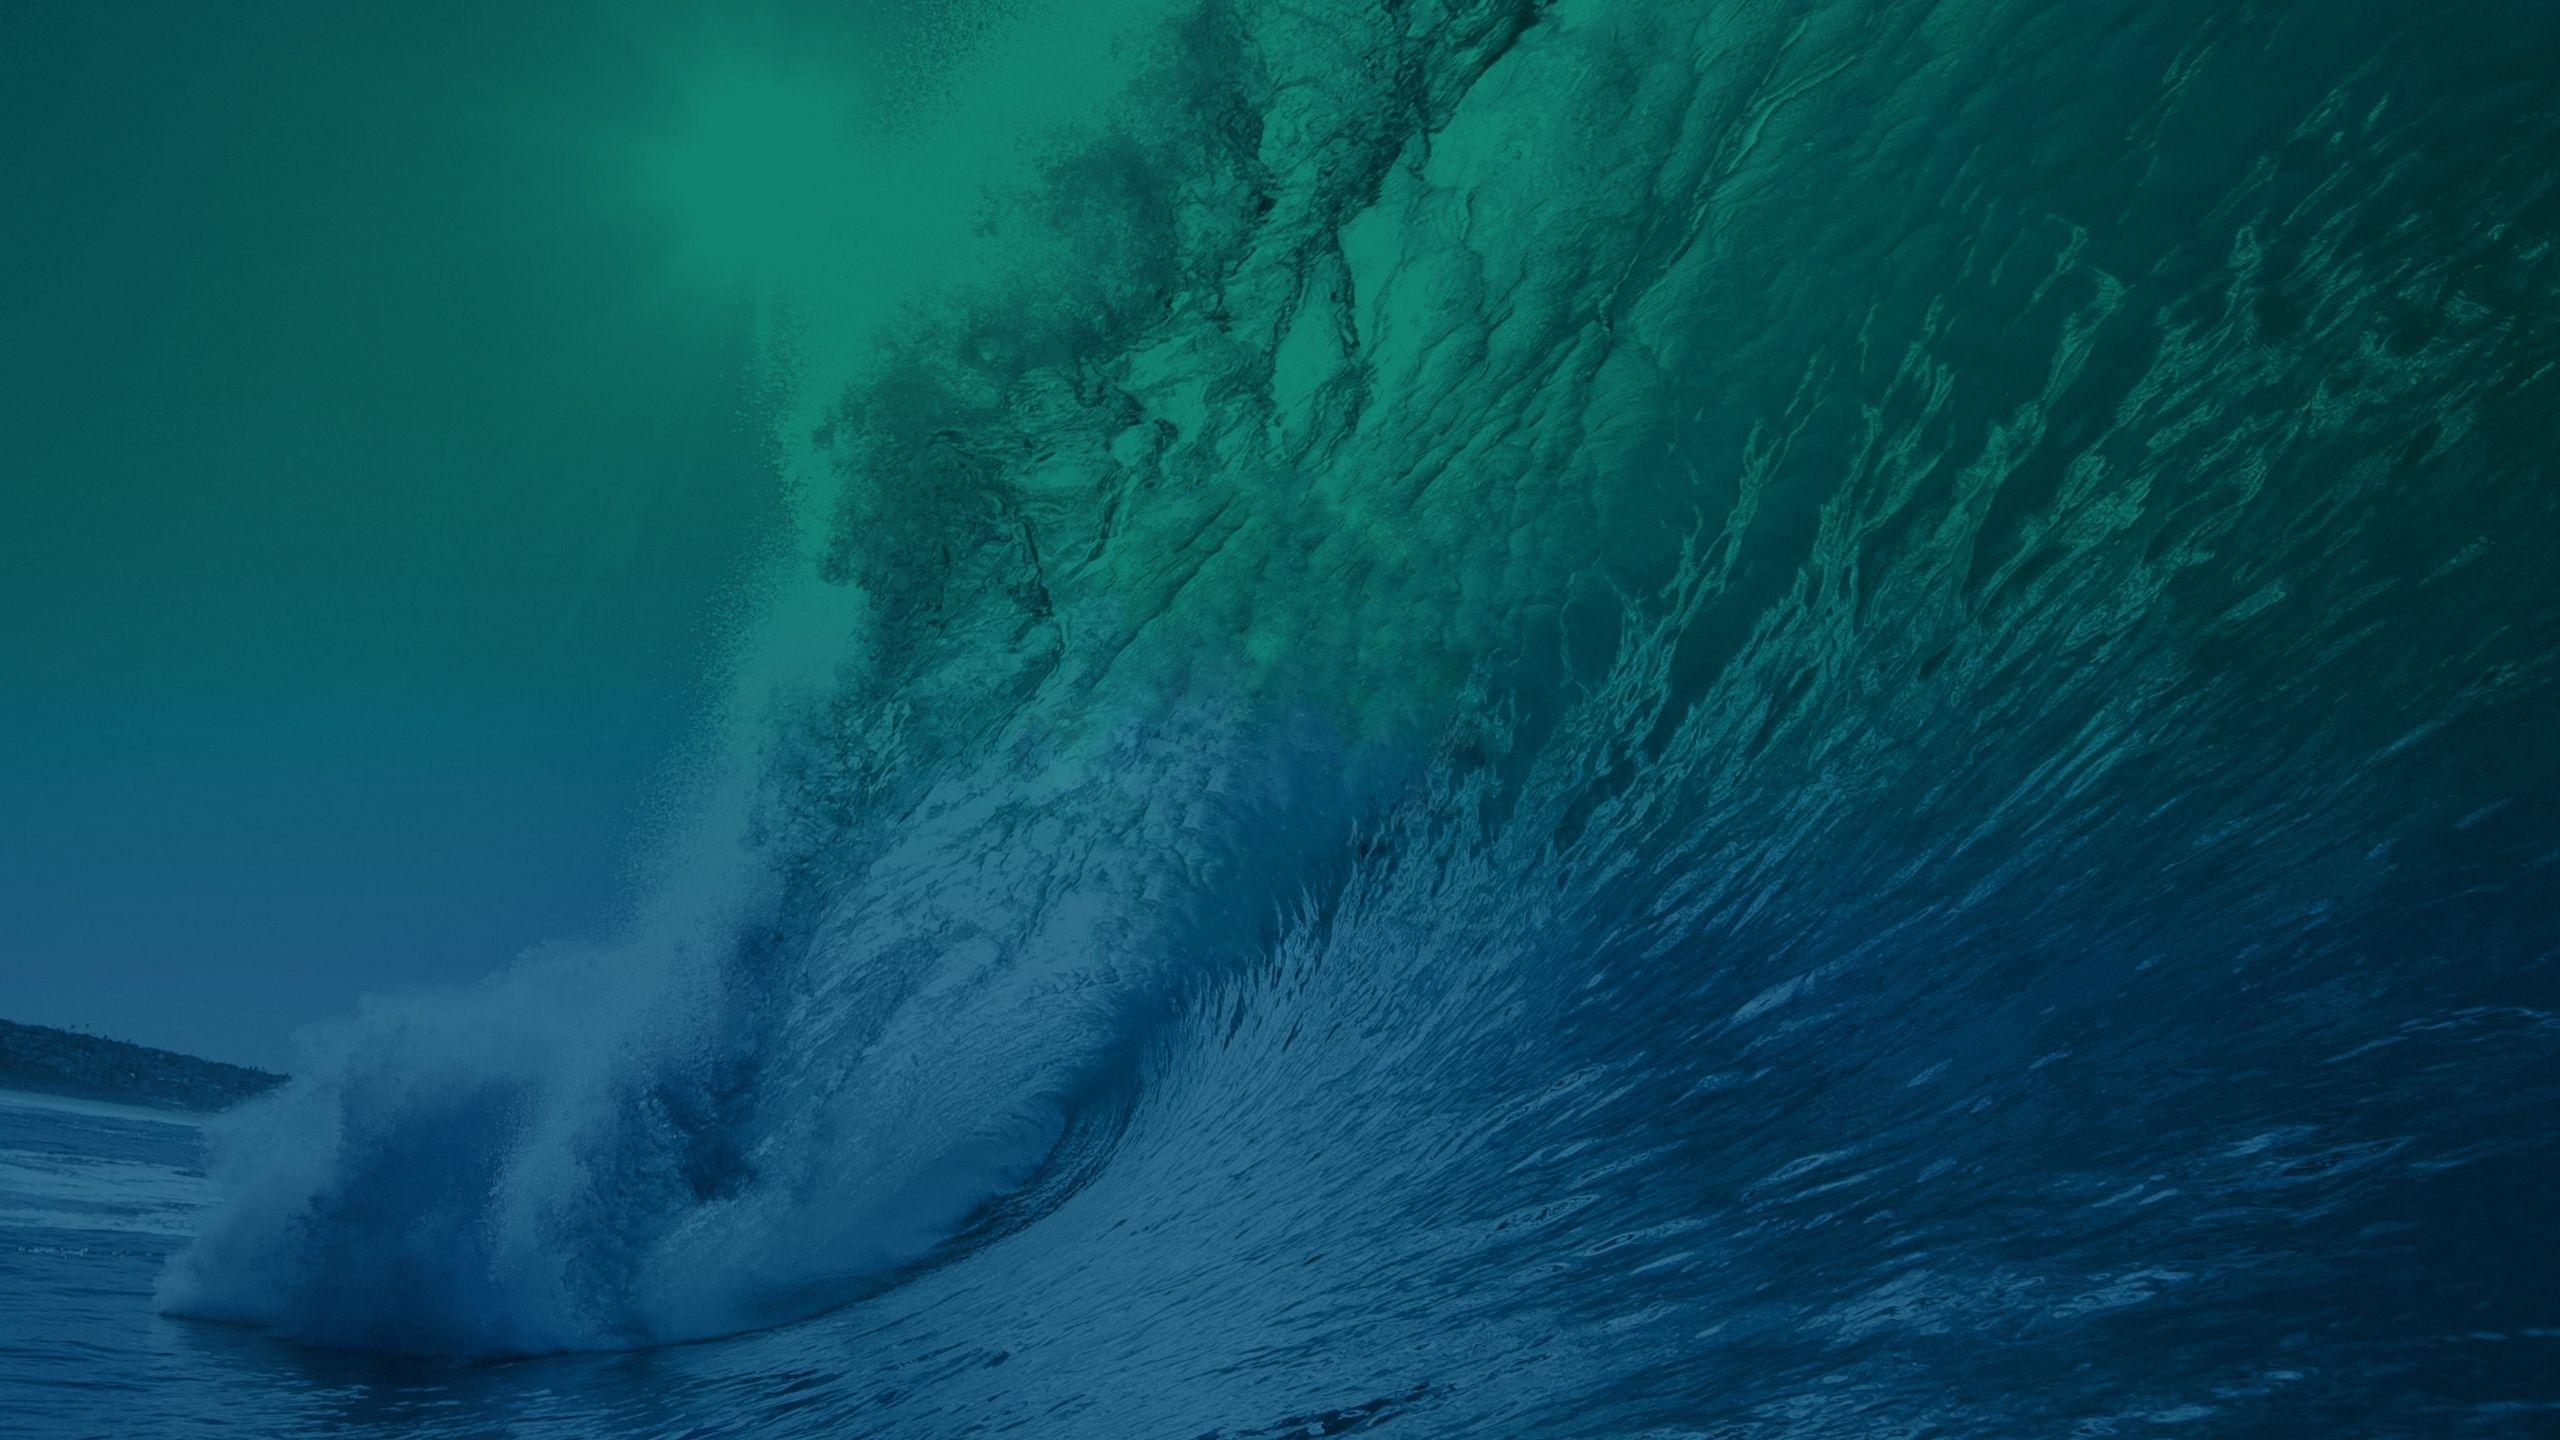 apple mac os x mavericks hd desktop wallpaper widescreen high | hd